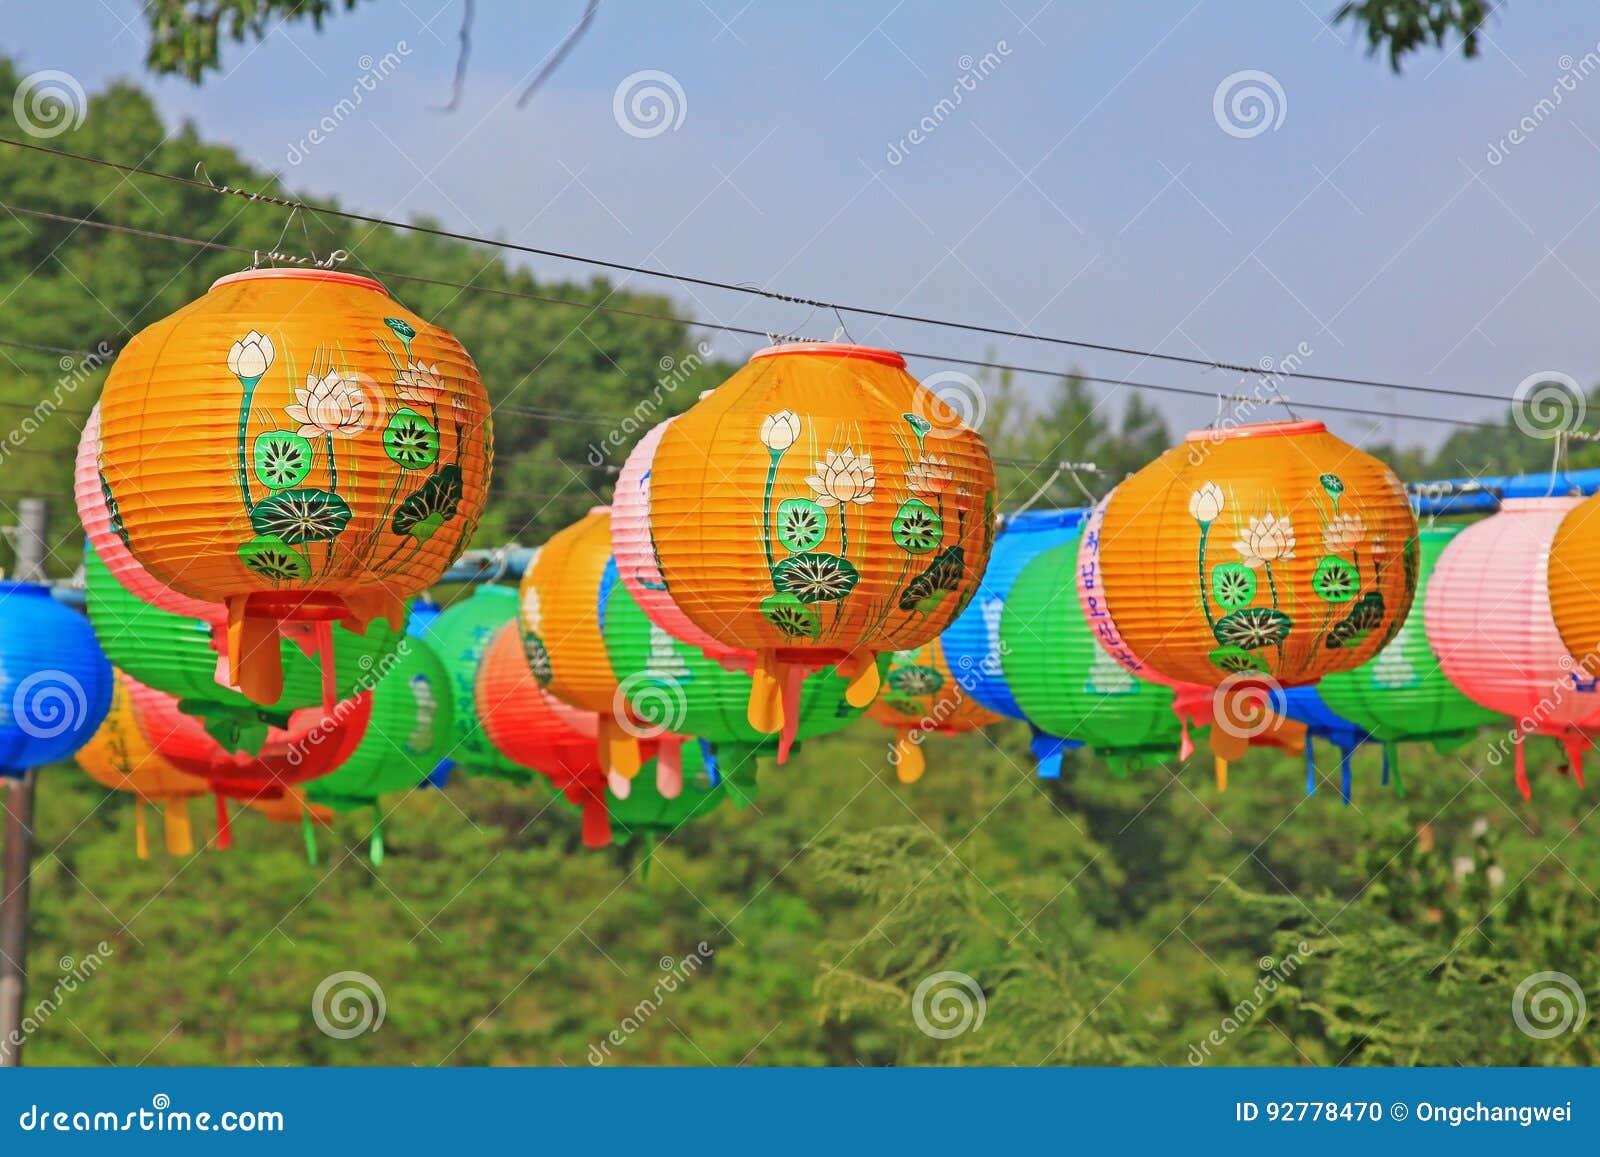 Korea Lotus Lantern